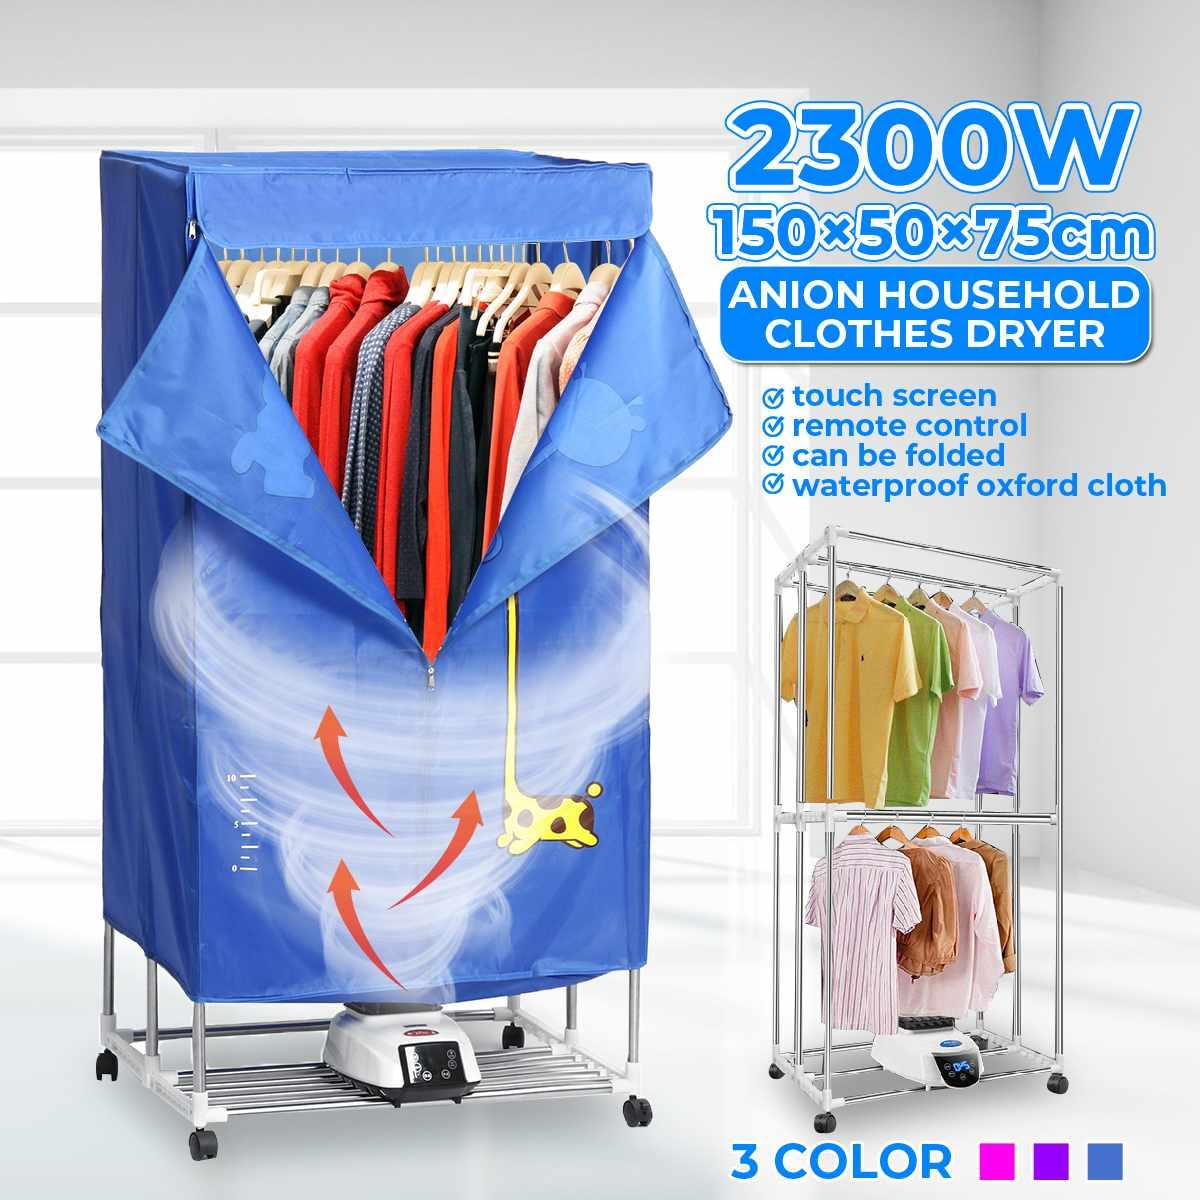 Secador eléctrico de tela de 2300W con ruedas para el hogar, zapatos de tela de bebé remotos portátiles, secador de calzado, Motor eléctrico, secado de ropa caliente